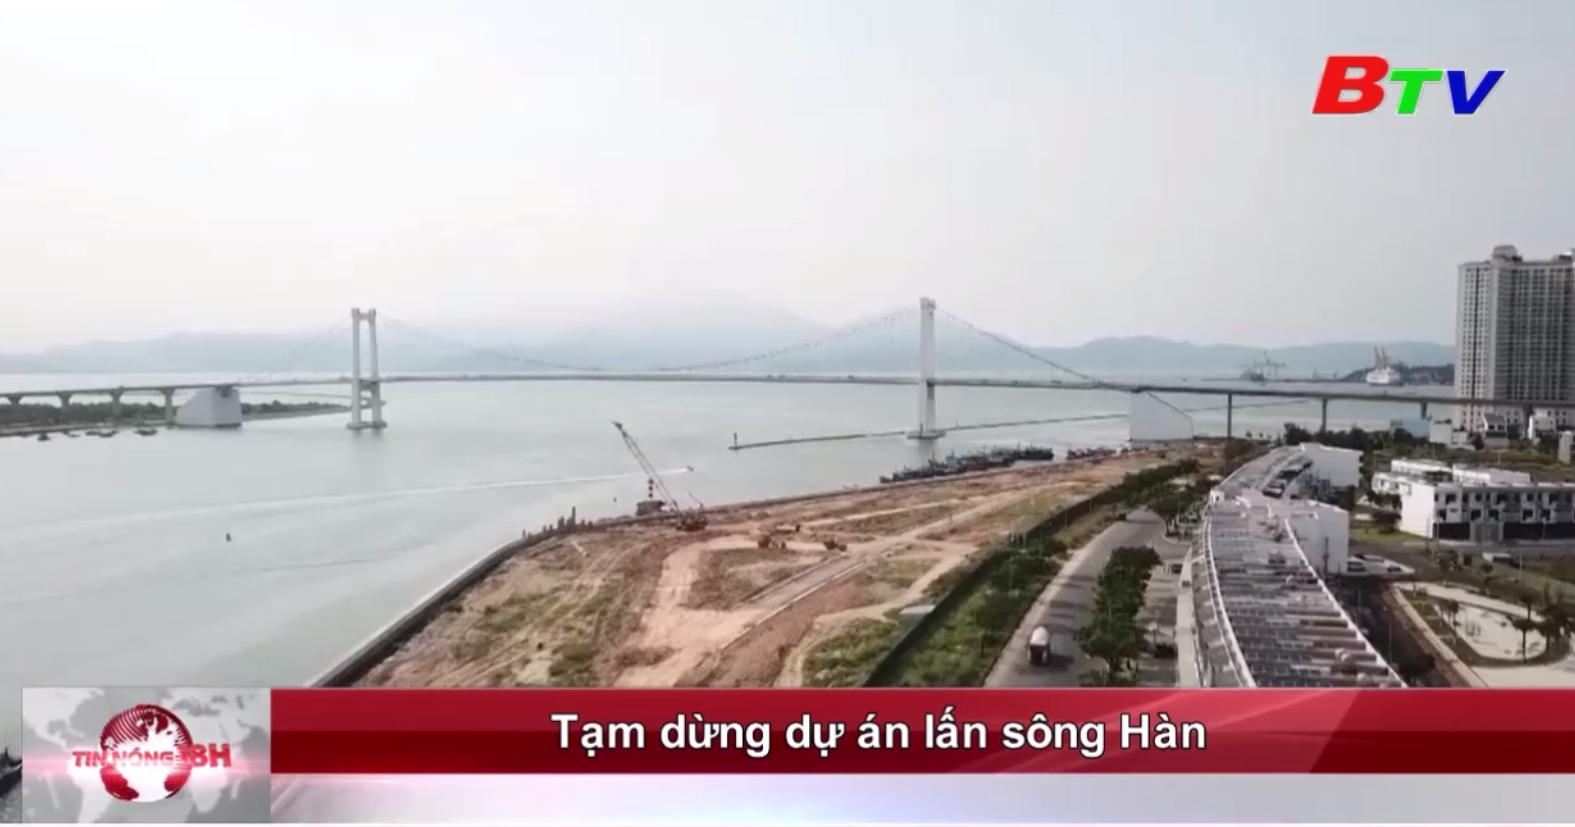 Tạm dừng dự án lấn sông Hàn